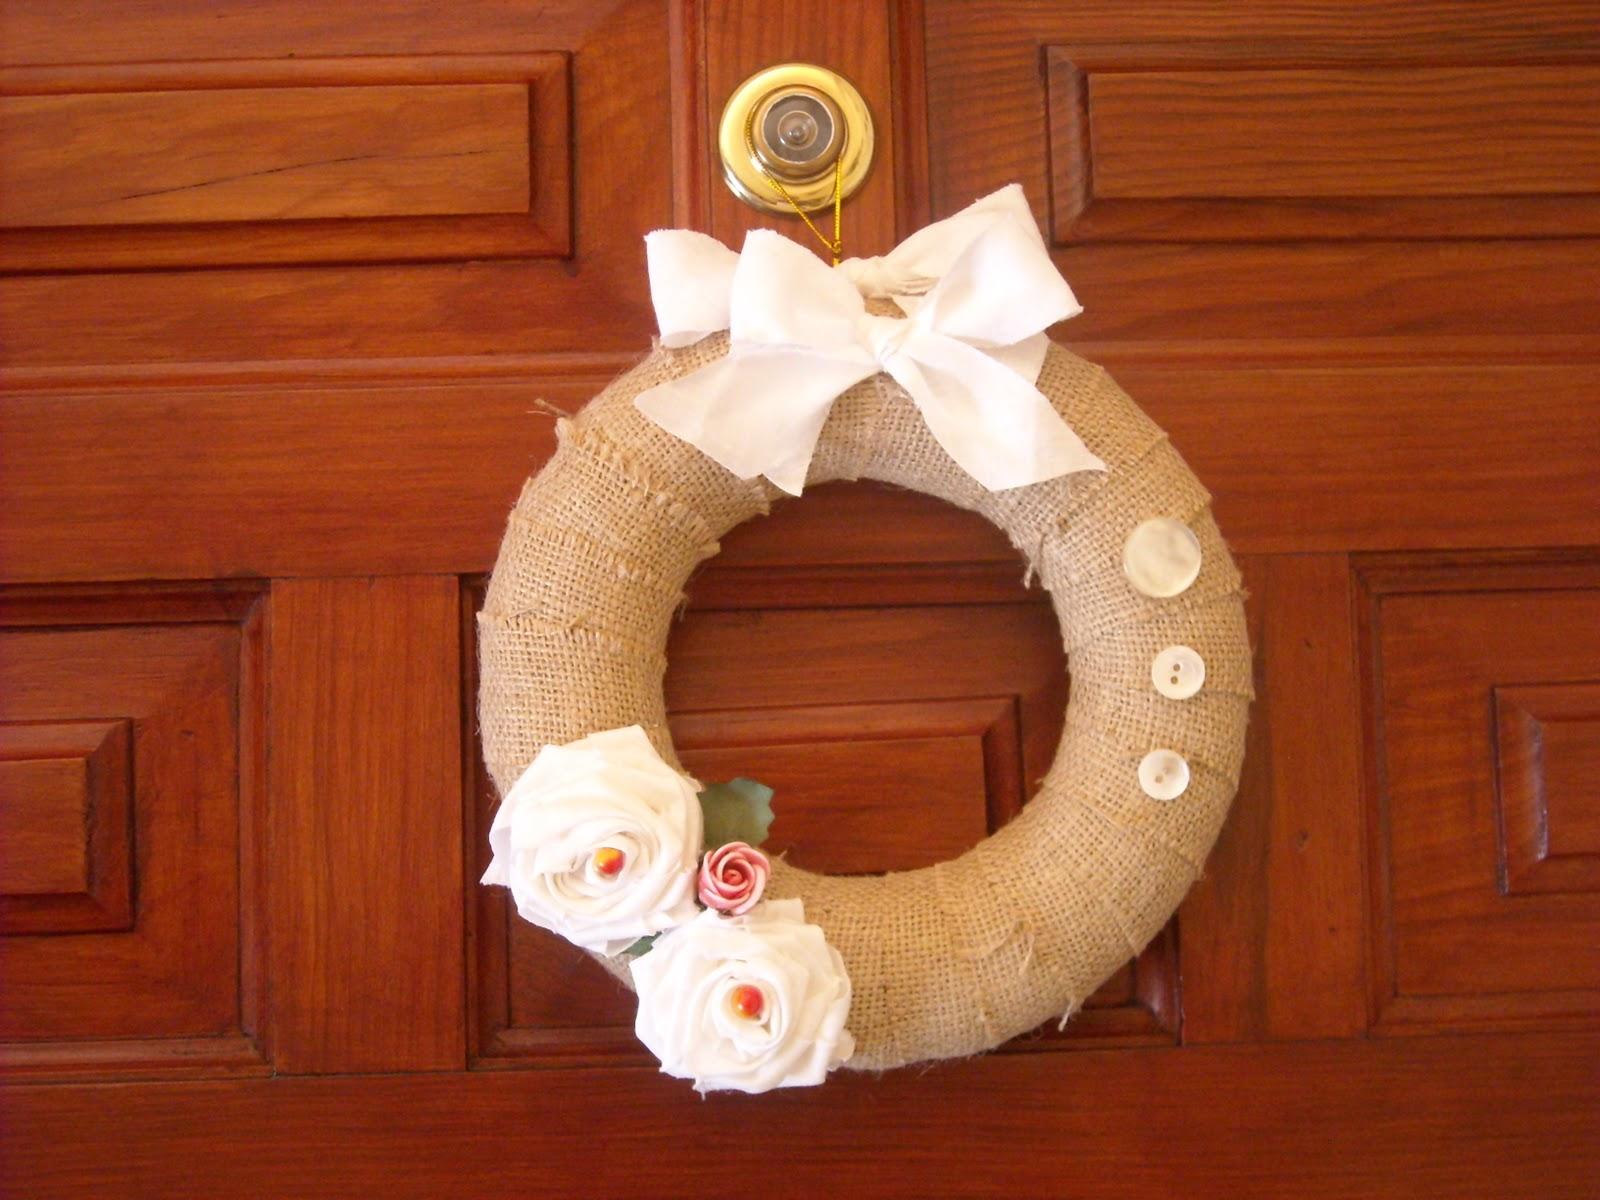 Mis chabolitas adorno de navidad que hice para la puerta for Adorno navidad puerta entrada